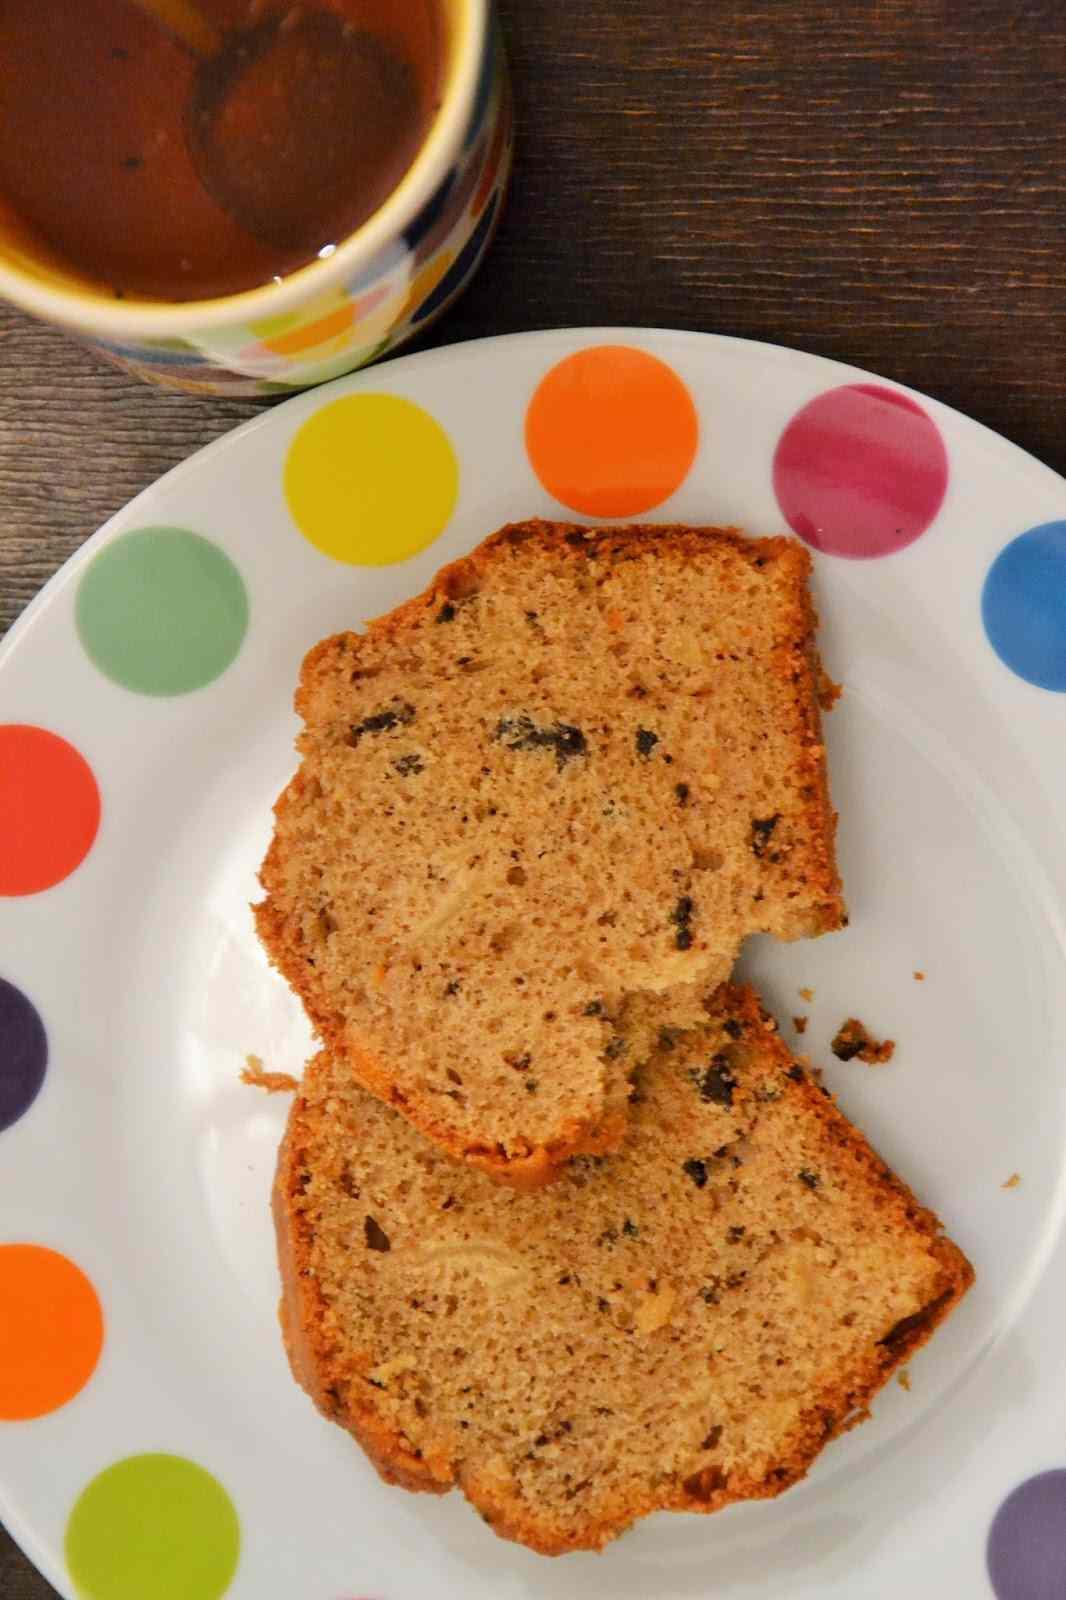 Ricetta: Cake con scorze di mandarini canditi e cioccolata fondente